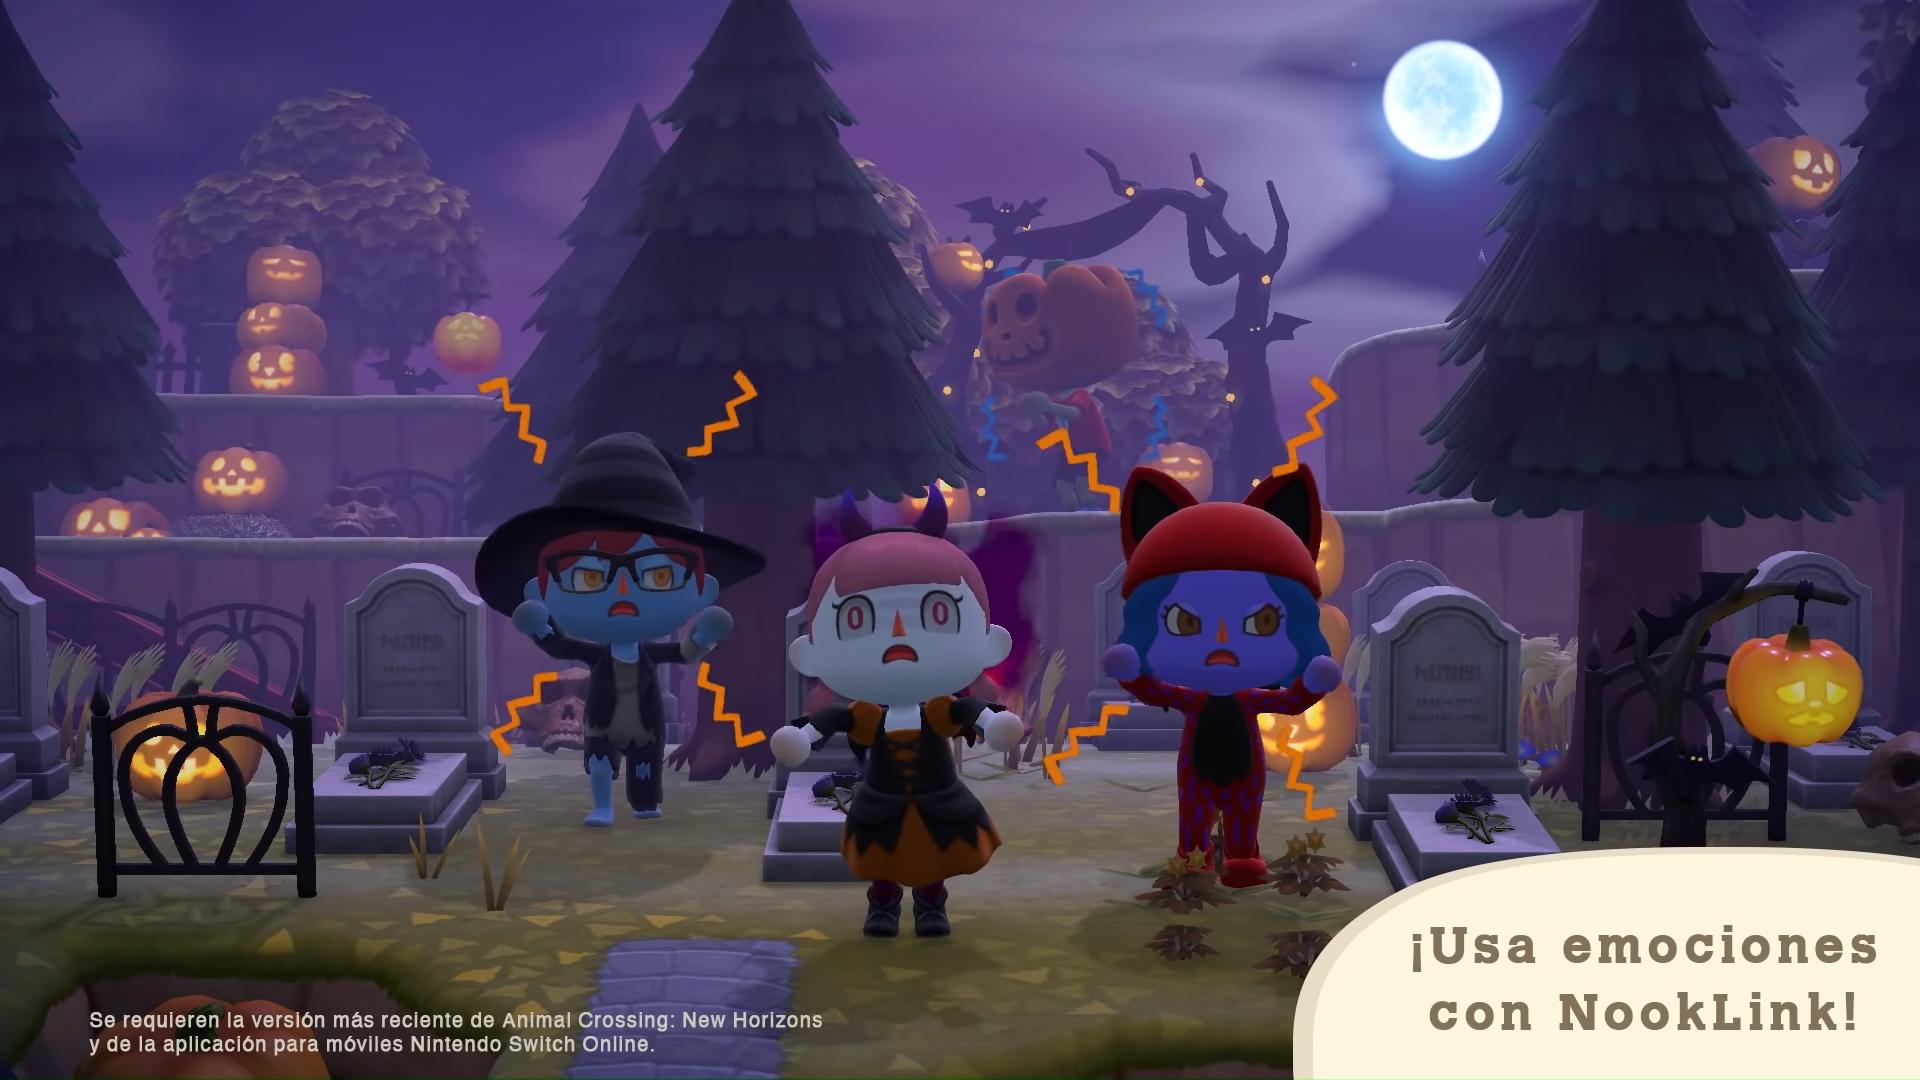 Animal Crossing: New Horizons - Fans tras el primer mes con el juego y no haber dormido en varias semanas